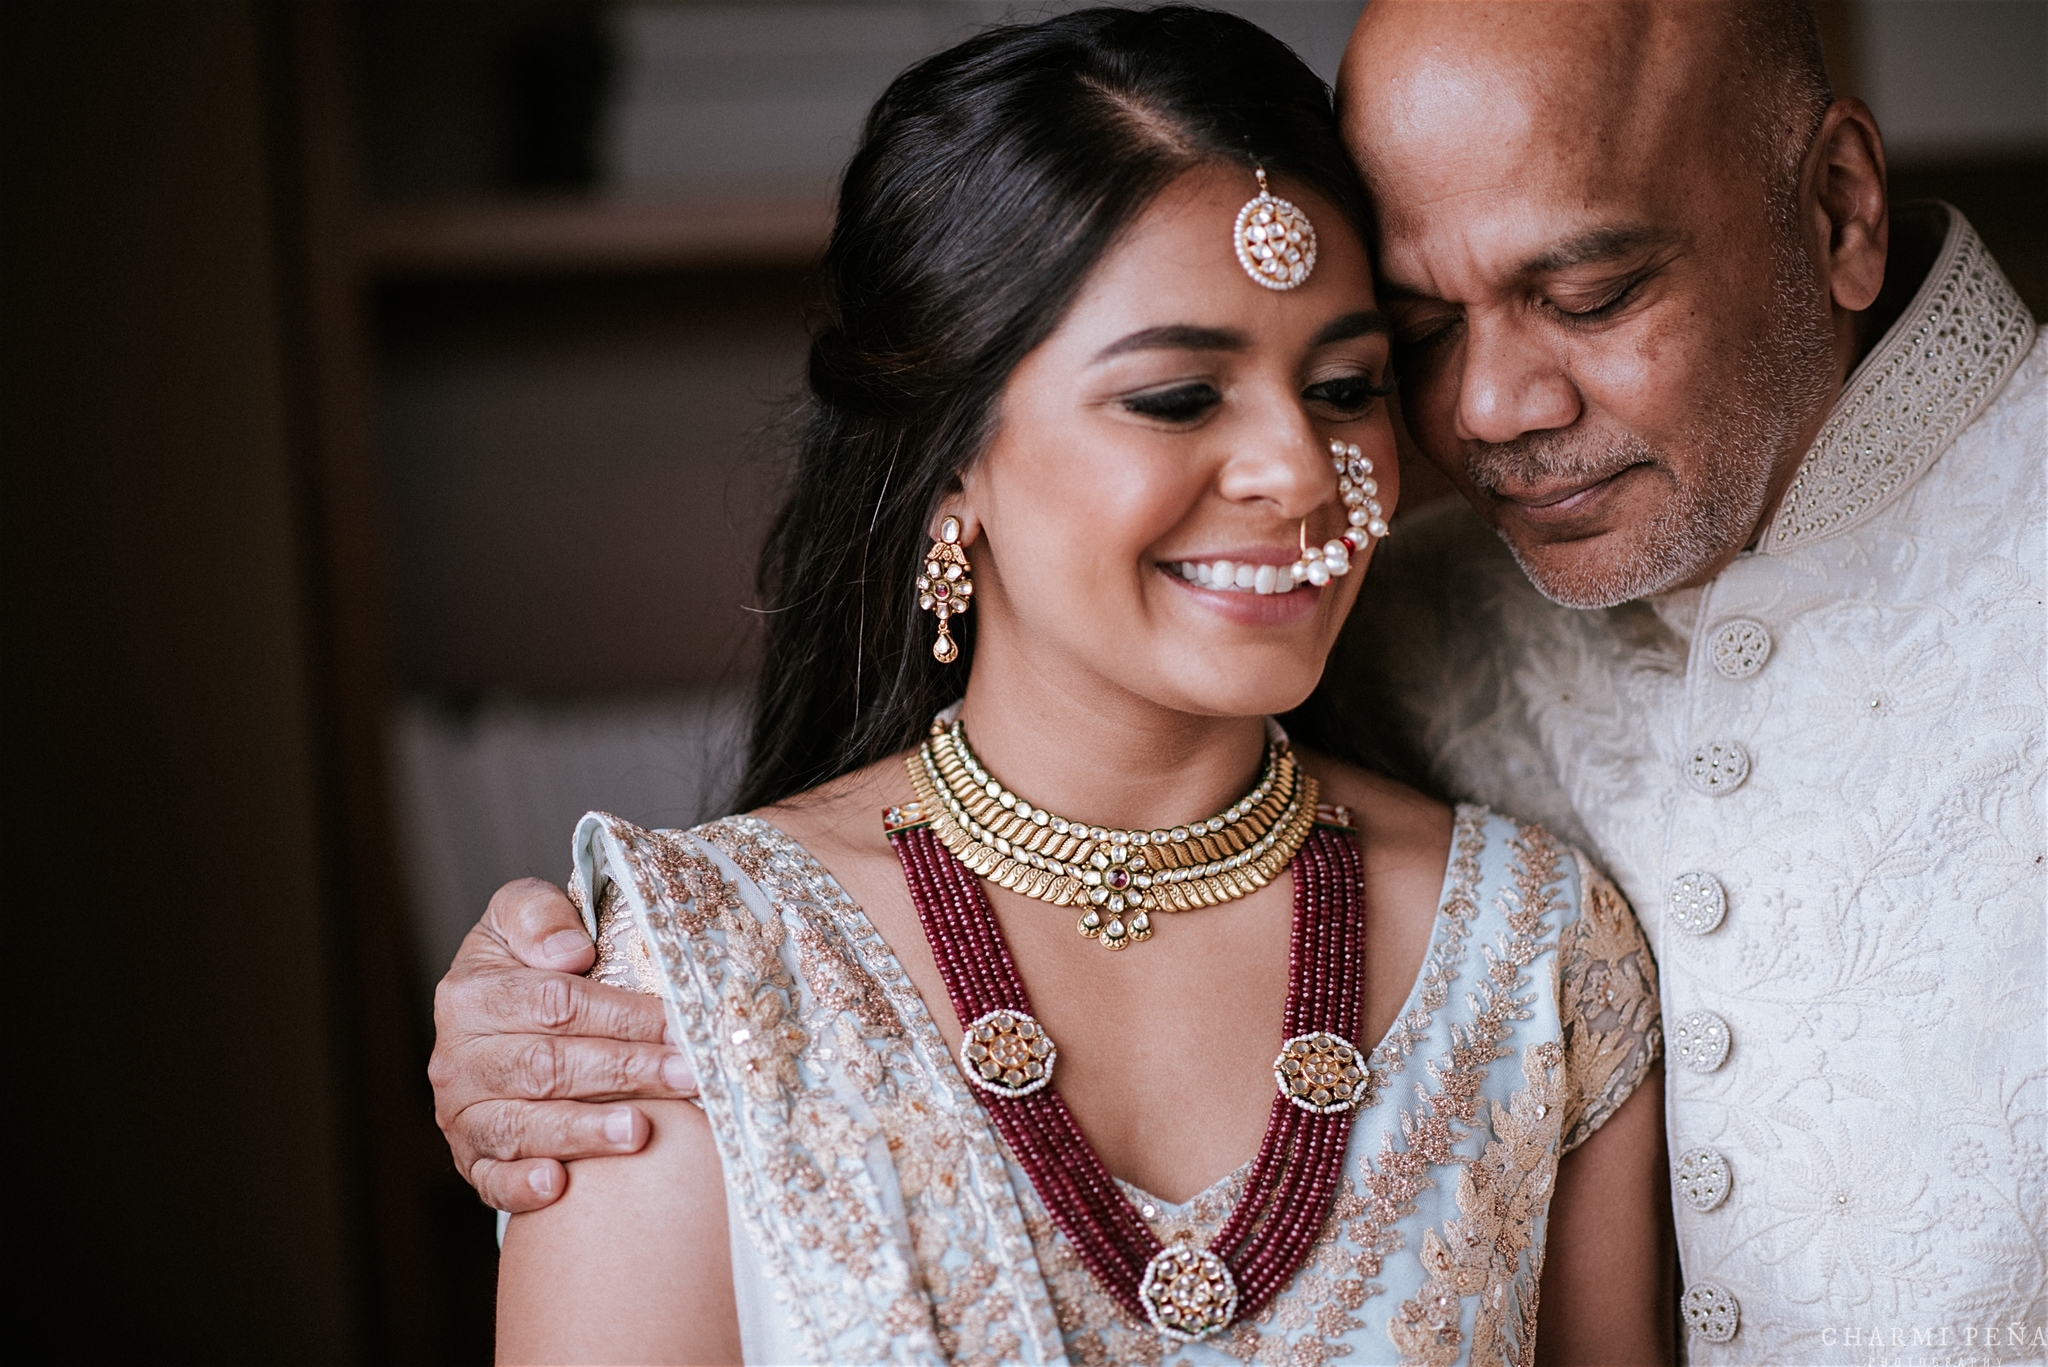 INDIAN WEDDING BRIDE AND DAD.jpg